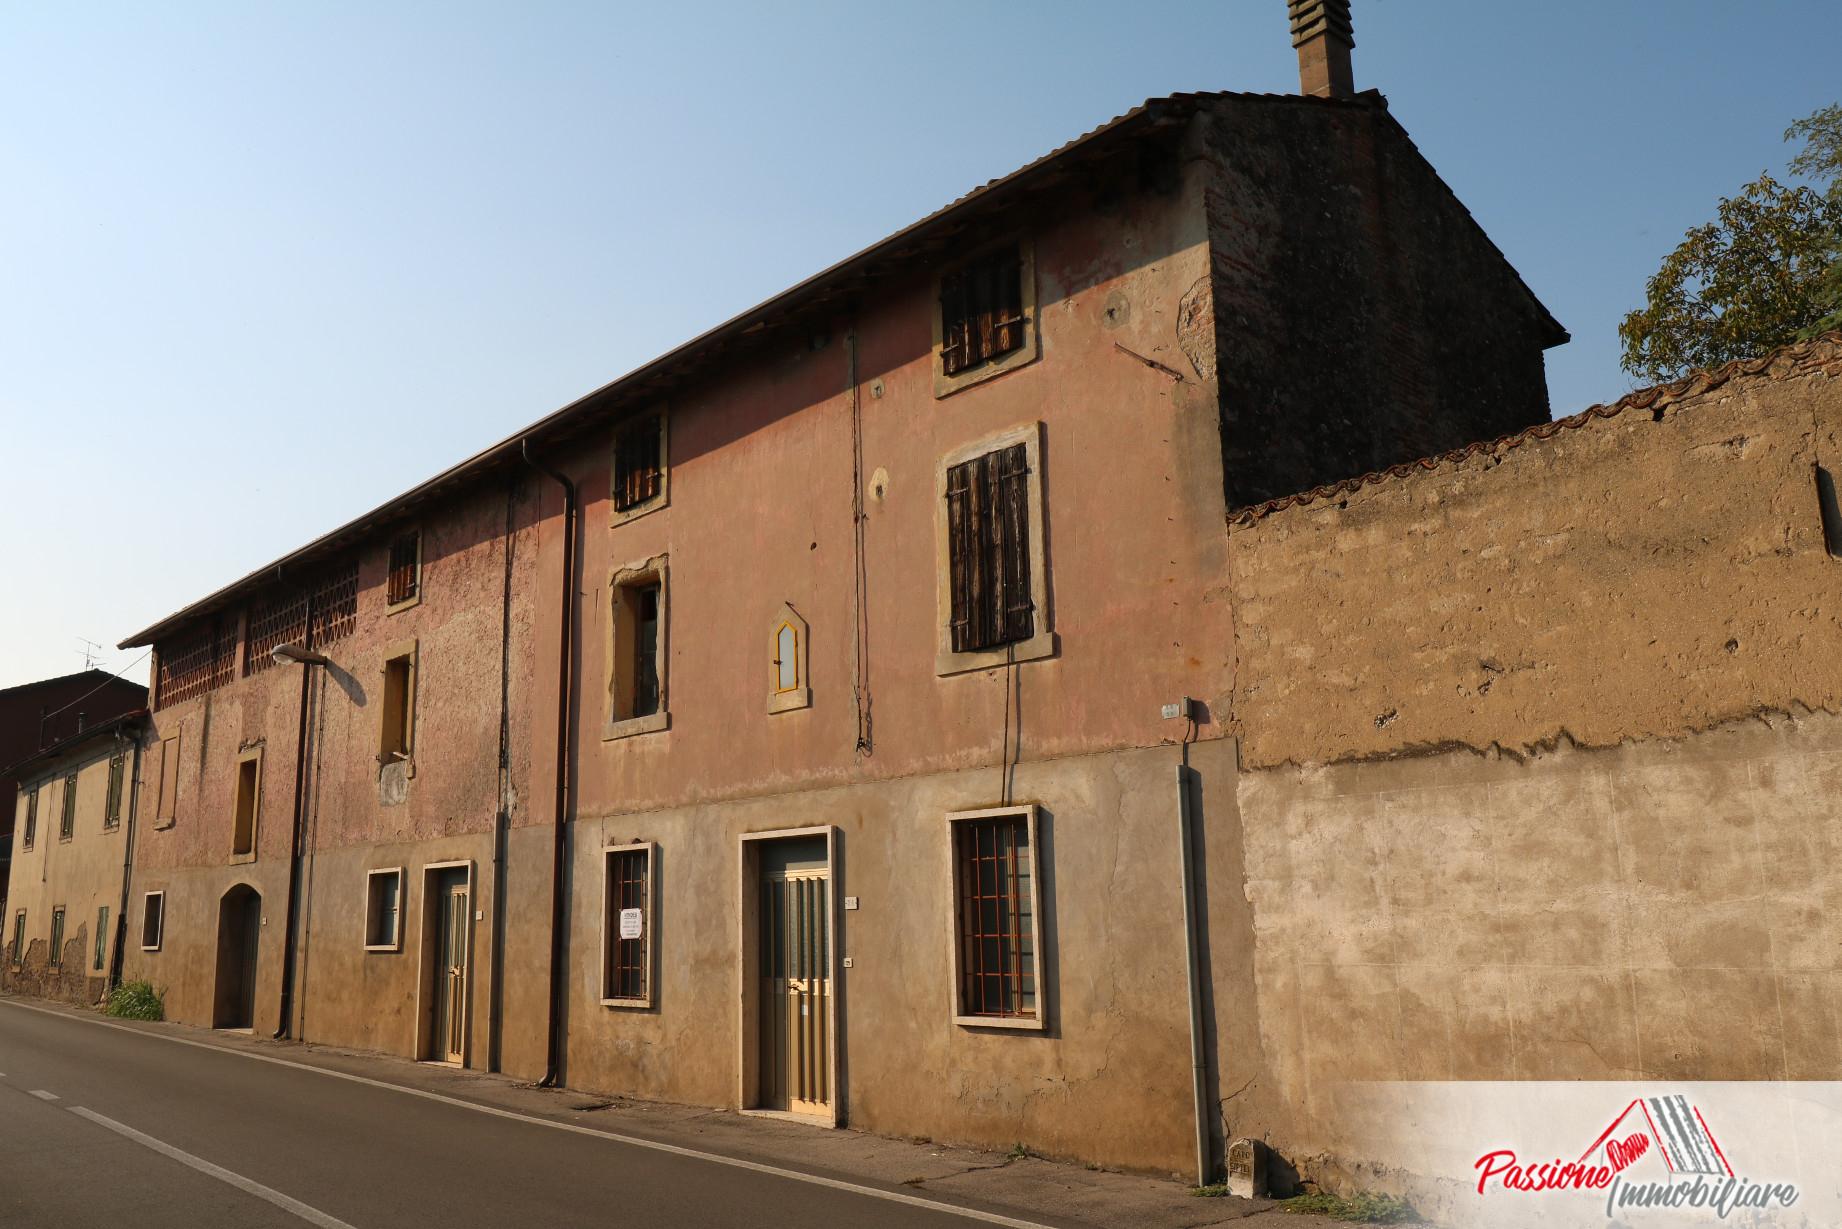 Rustico in vendita a Bussolengo – Passione Immobiliare Verona